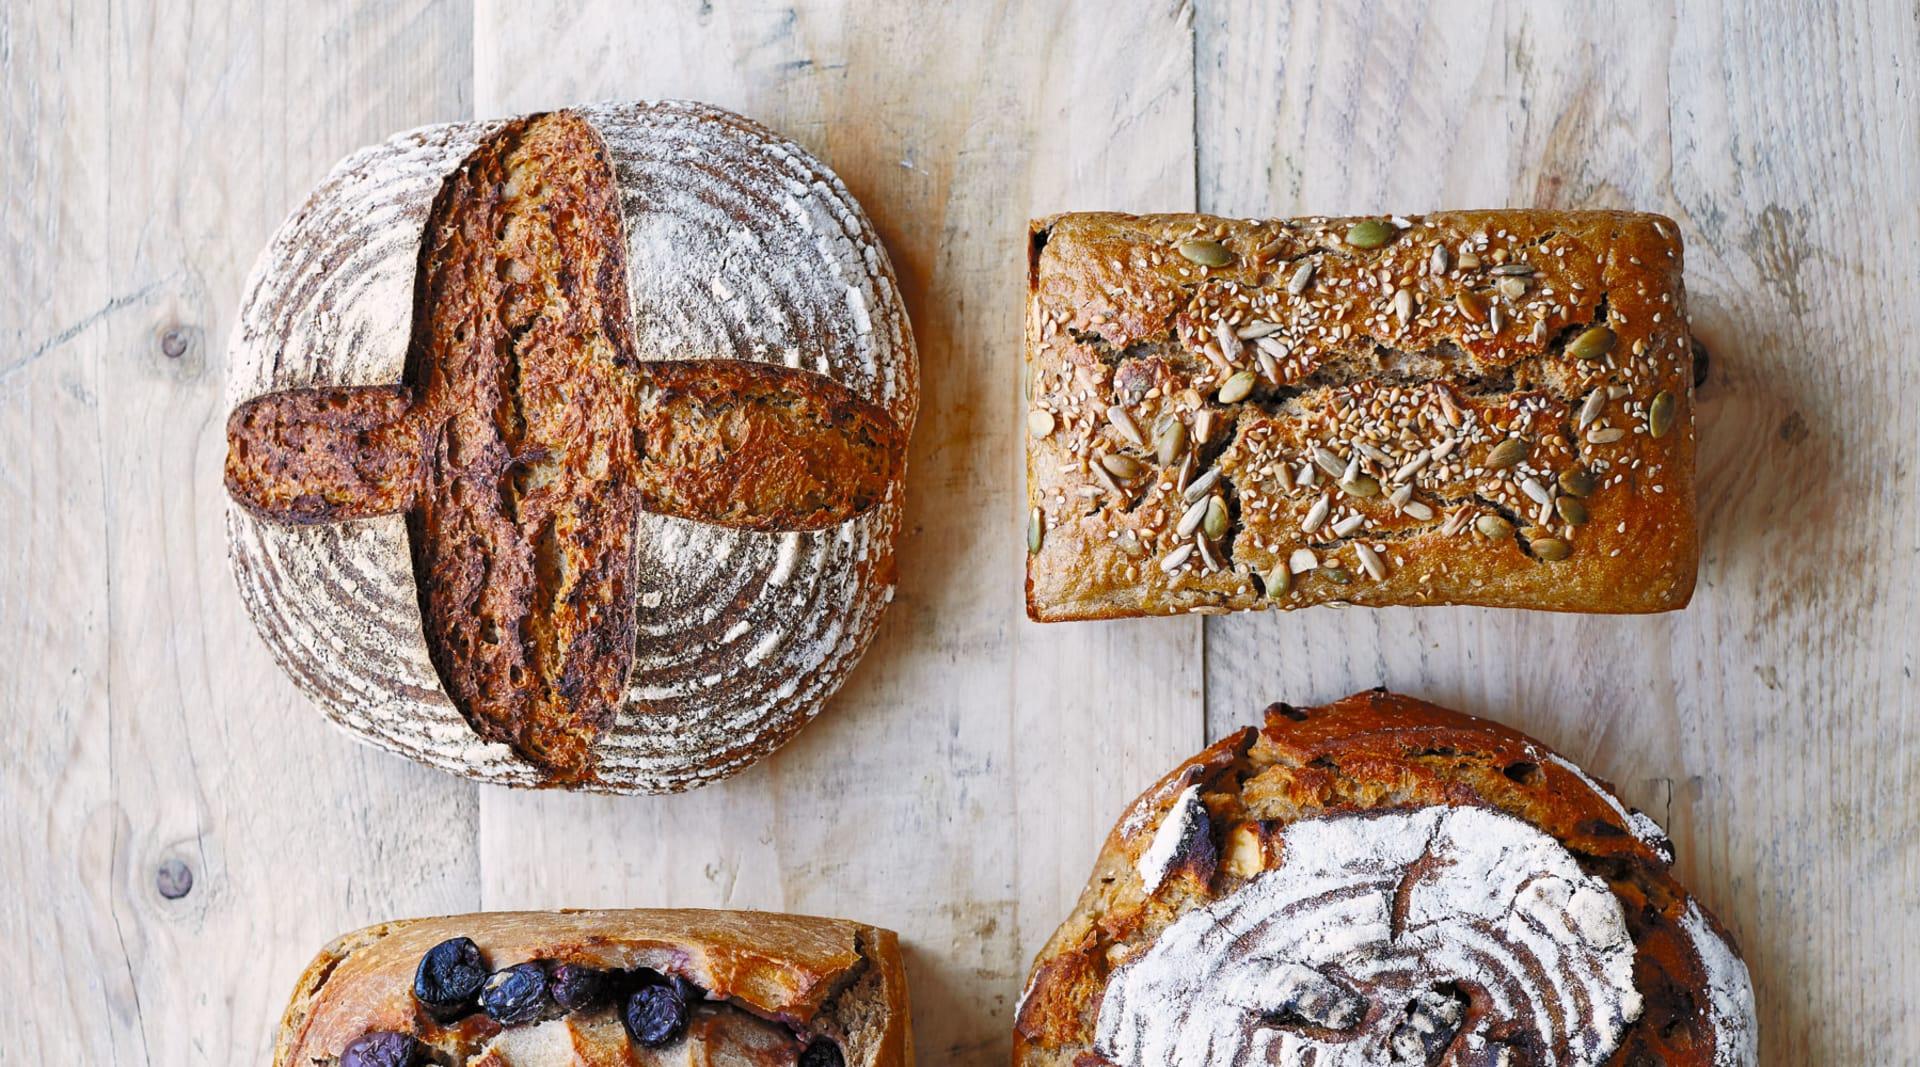 HERO modern baker